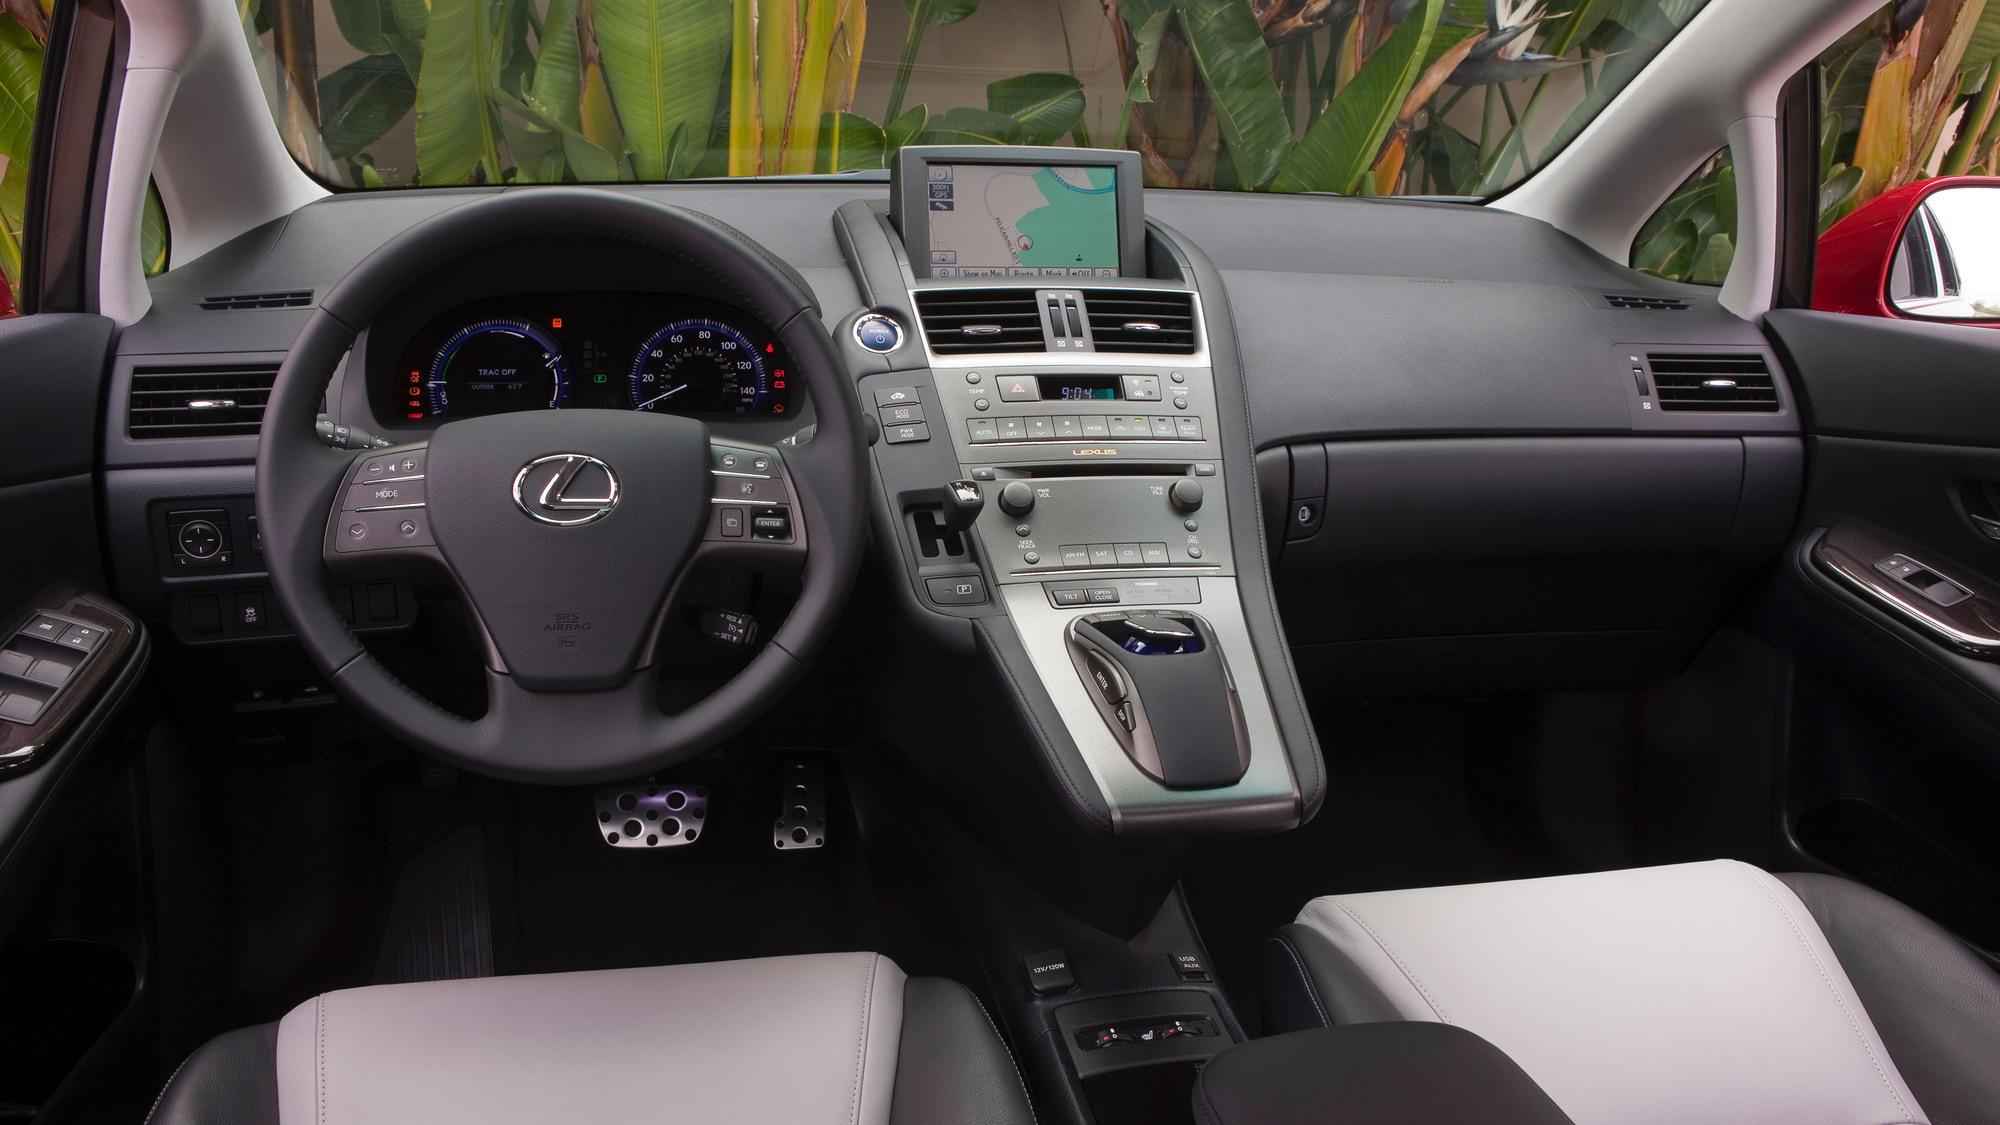 2017 Lexus Hs 250h